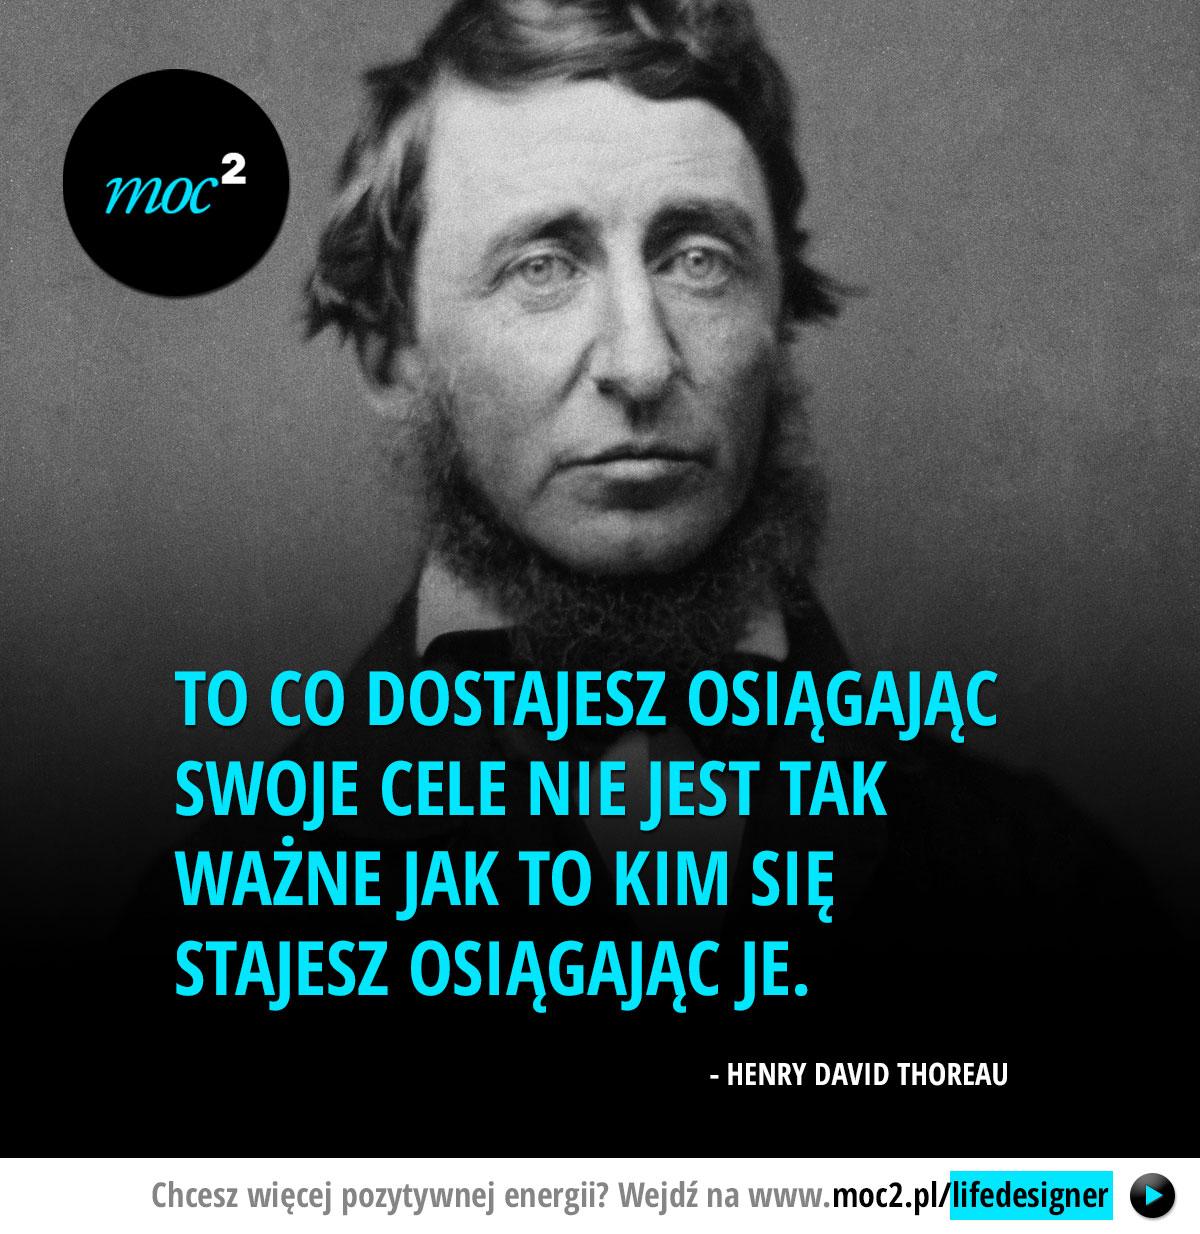 To co dostajesz osiągając swoje cele nie jest tak ważne jak to kim się stajesz osiągając je. - Henry David Thoreau